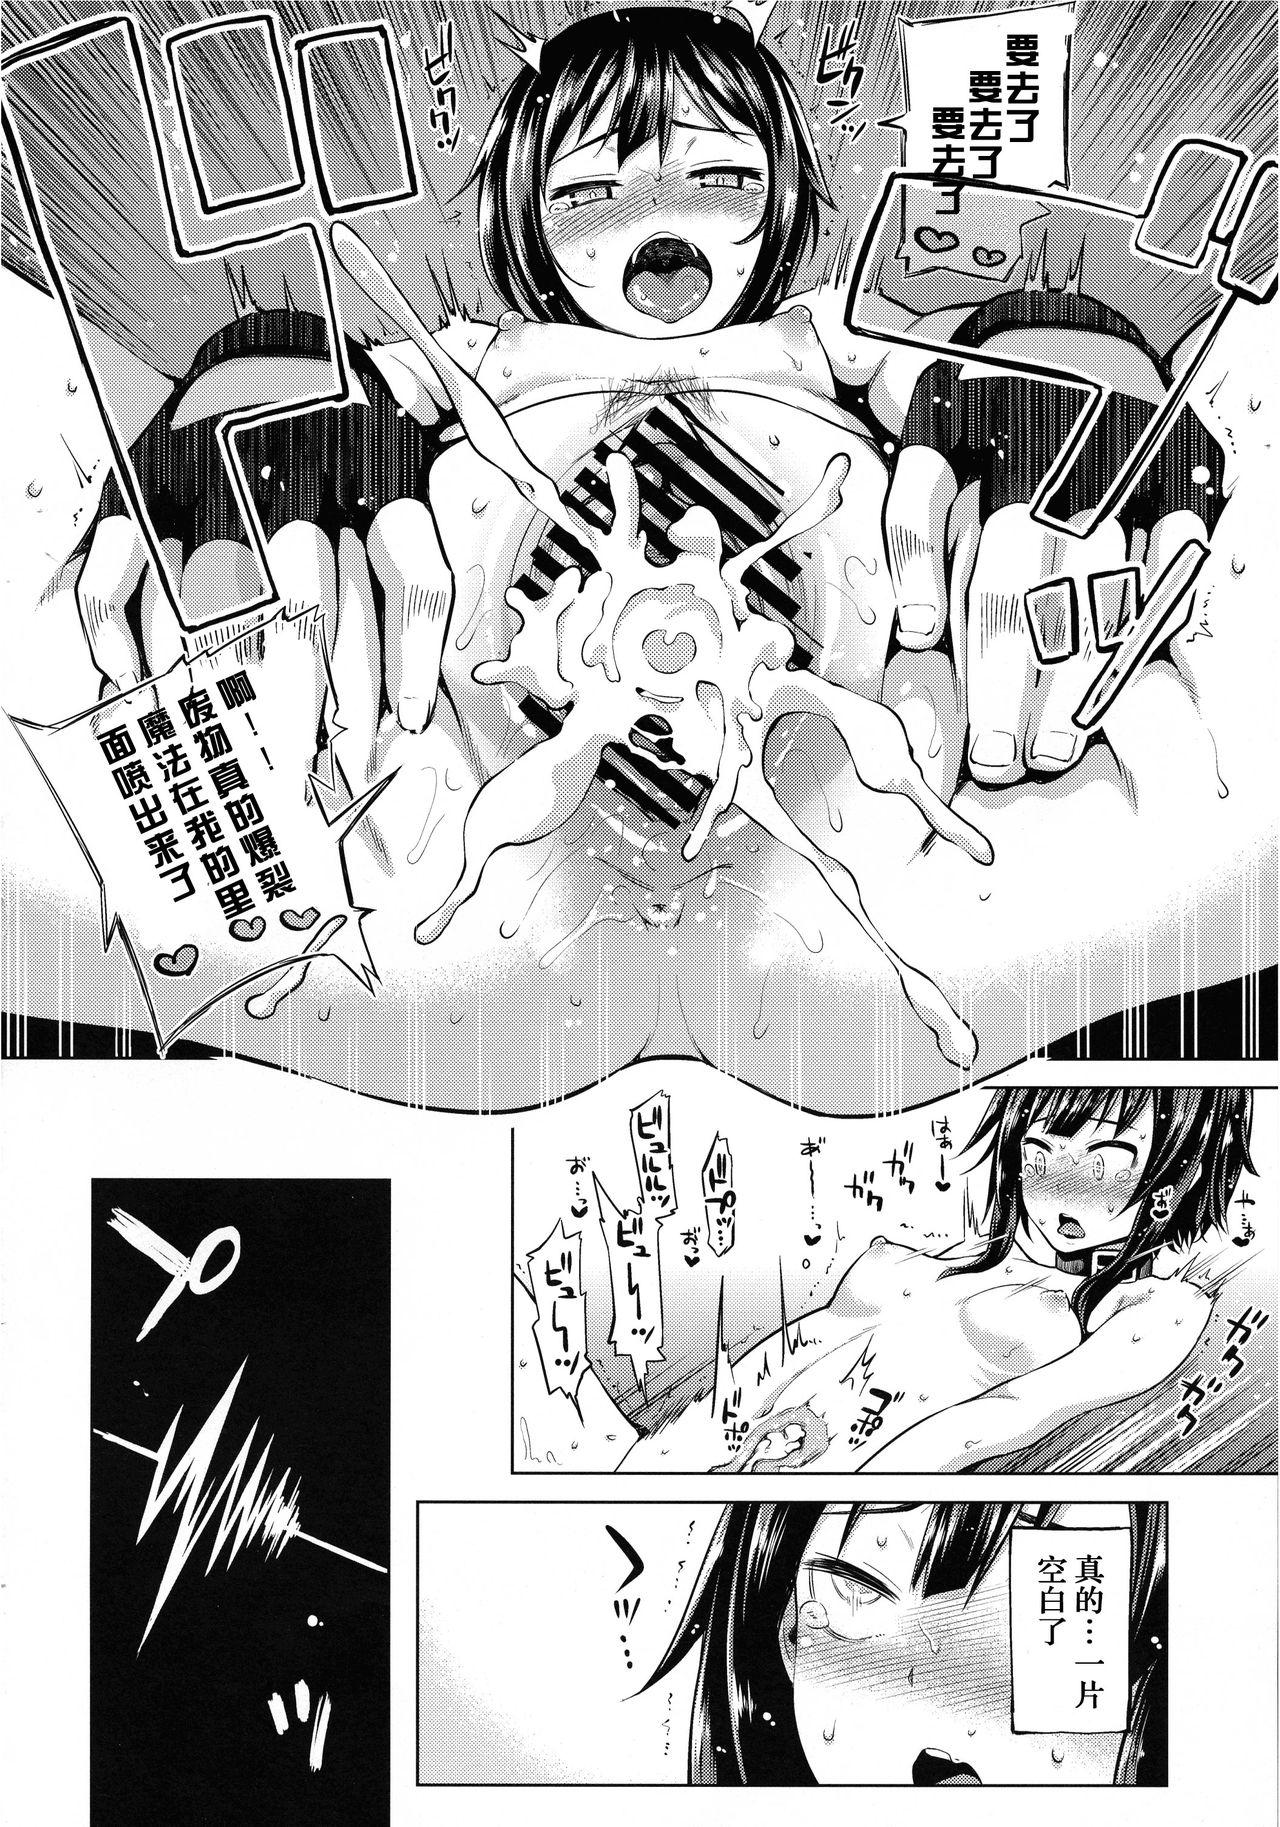 Kono Bakuretsu Musume ni Ecstasy o! 25